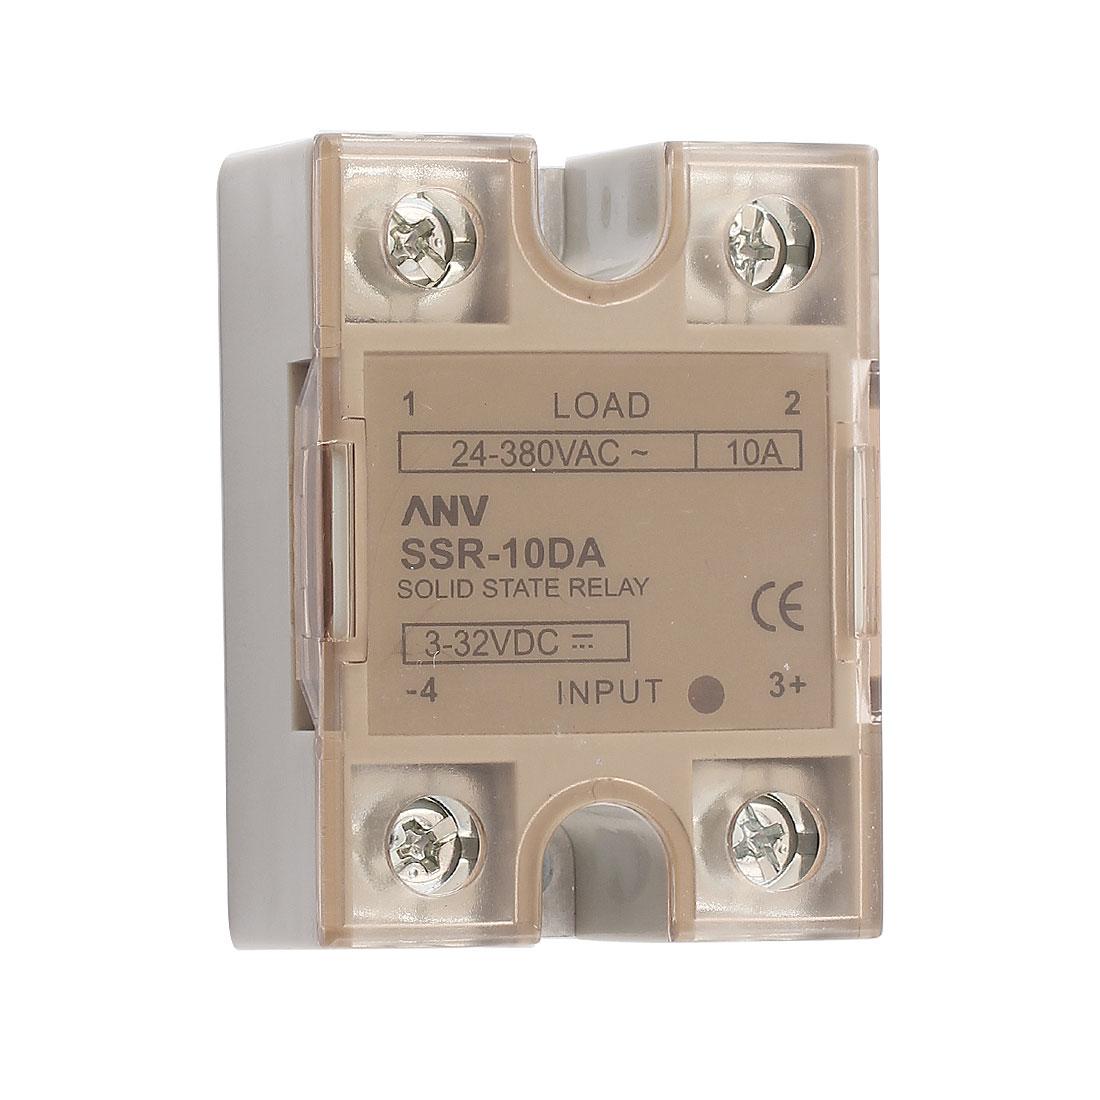 Solid State Relay Module ANV SSR-10DA DC-AC 10A 3-32VDC/24-380VAC